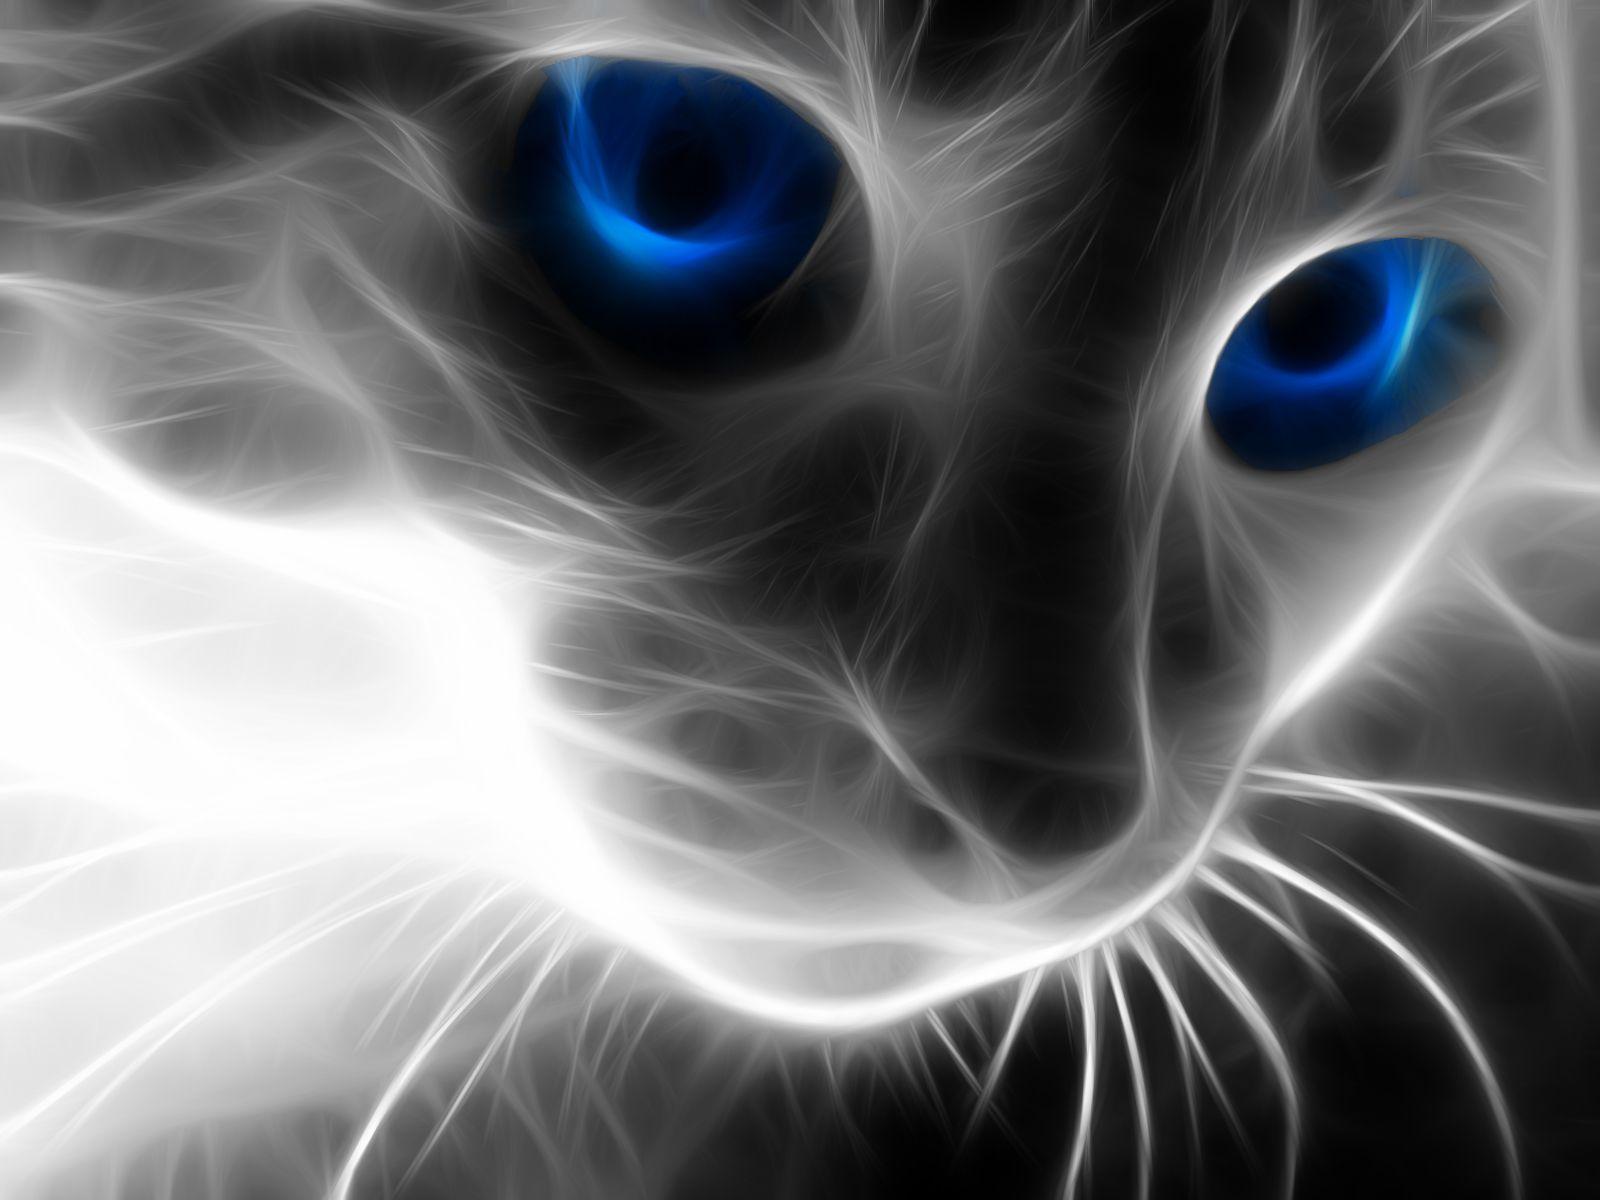 Cat puter Wallpapers Desktop Backgrounds